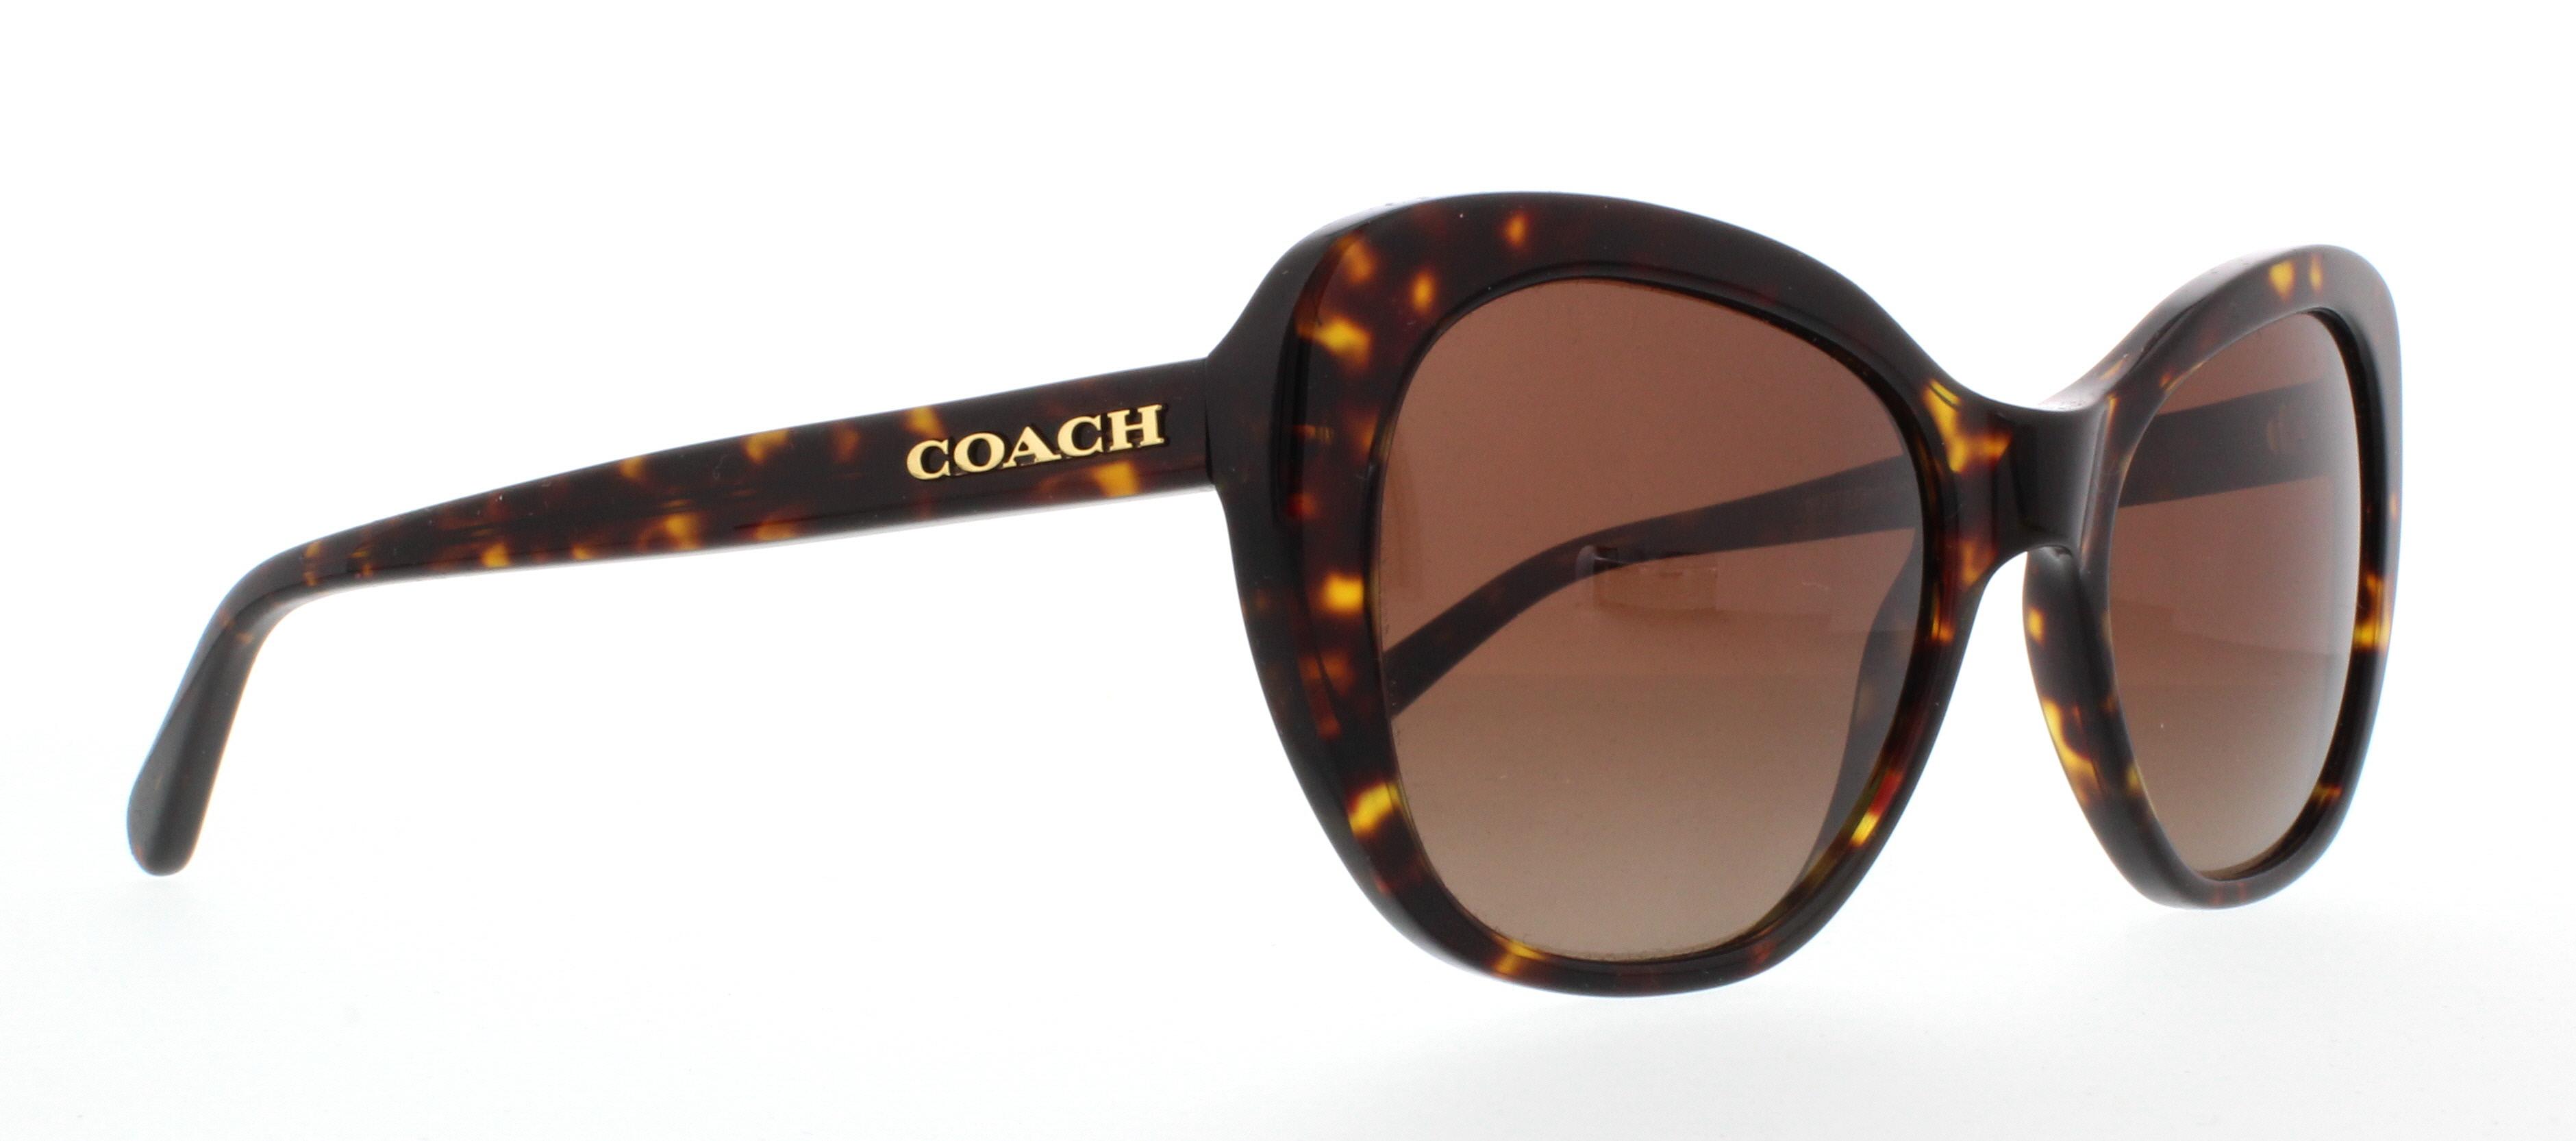 46cbc98fc3 Designer Frames Outlet. Coach HC8204 L1631